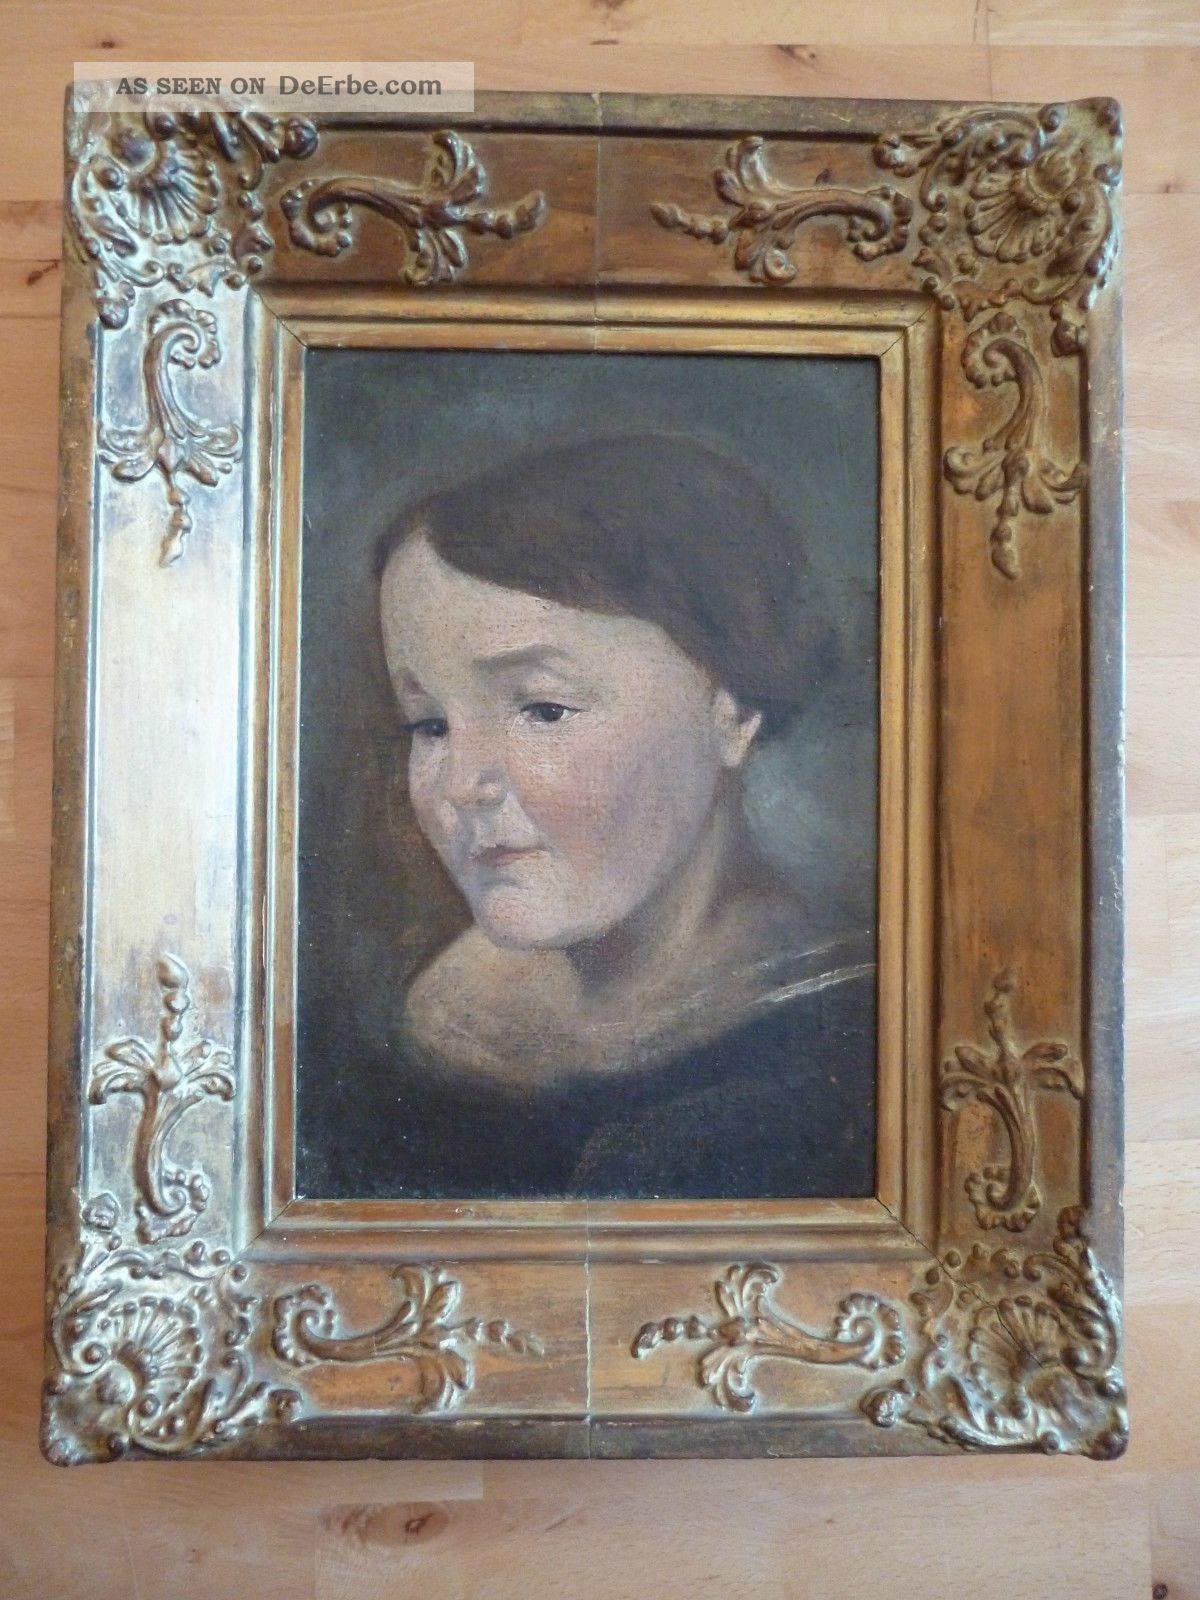 Altes Gemälde - Ölgemälde - Porträt Einer Frau - Biedermeier ? - Holzrahmen Antike Bild